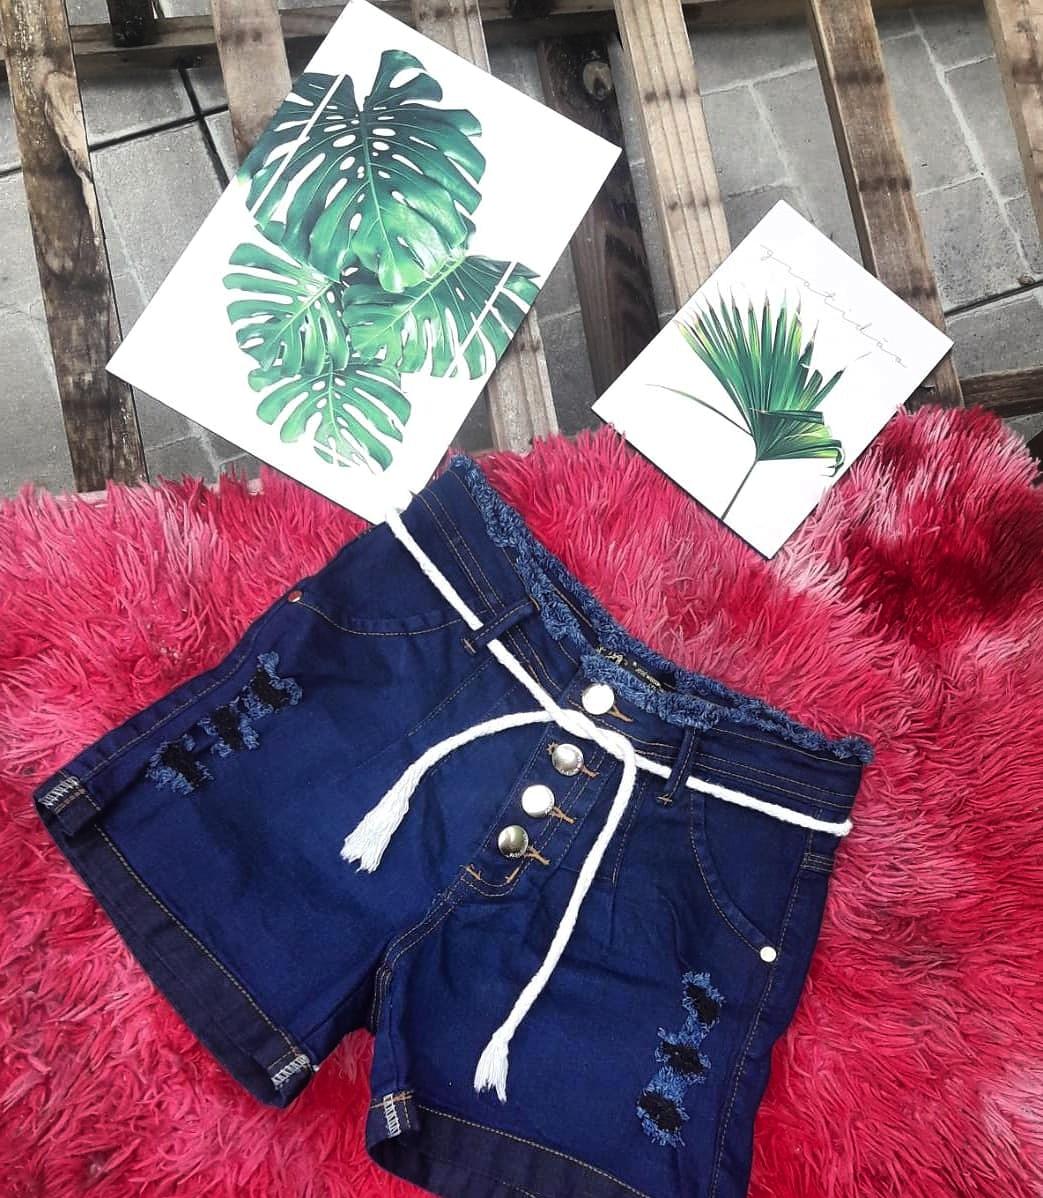 MEGA PROMO DO MÊS DE MARÇO   Bermudas por 65$  Short por 40$  Acréscimo no cartão  #cores #colecaonova #colecao2020  #melhorespromoções #melhorespreços #vempraca #conjuntosfemininos #quero #inlove #likeforlikes #sóvem #jeans #short #espaçobarbiepic.twitter.com/xbF9elhbp3